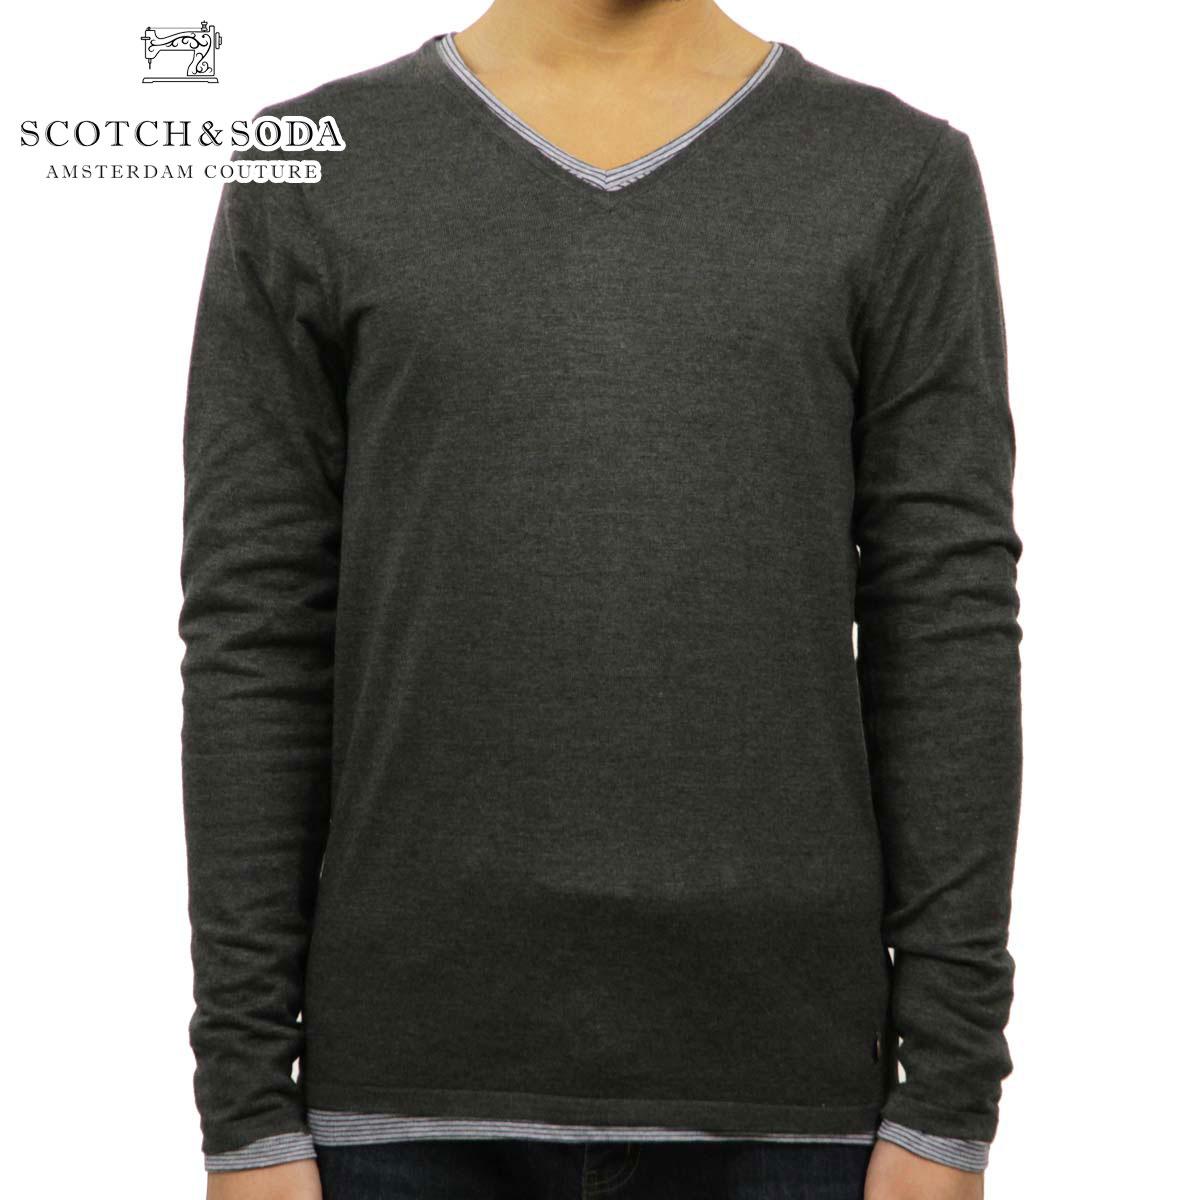 スコッチアンドソーダ SCOTCH&SODA 正規販売店 メンズ セーター COTTON/ACRYLIC V-NECK PULL 60026 910 D00S20